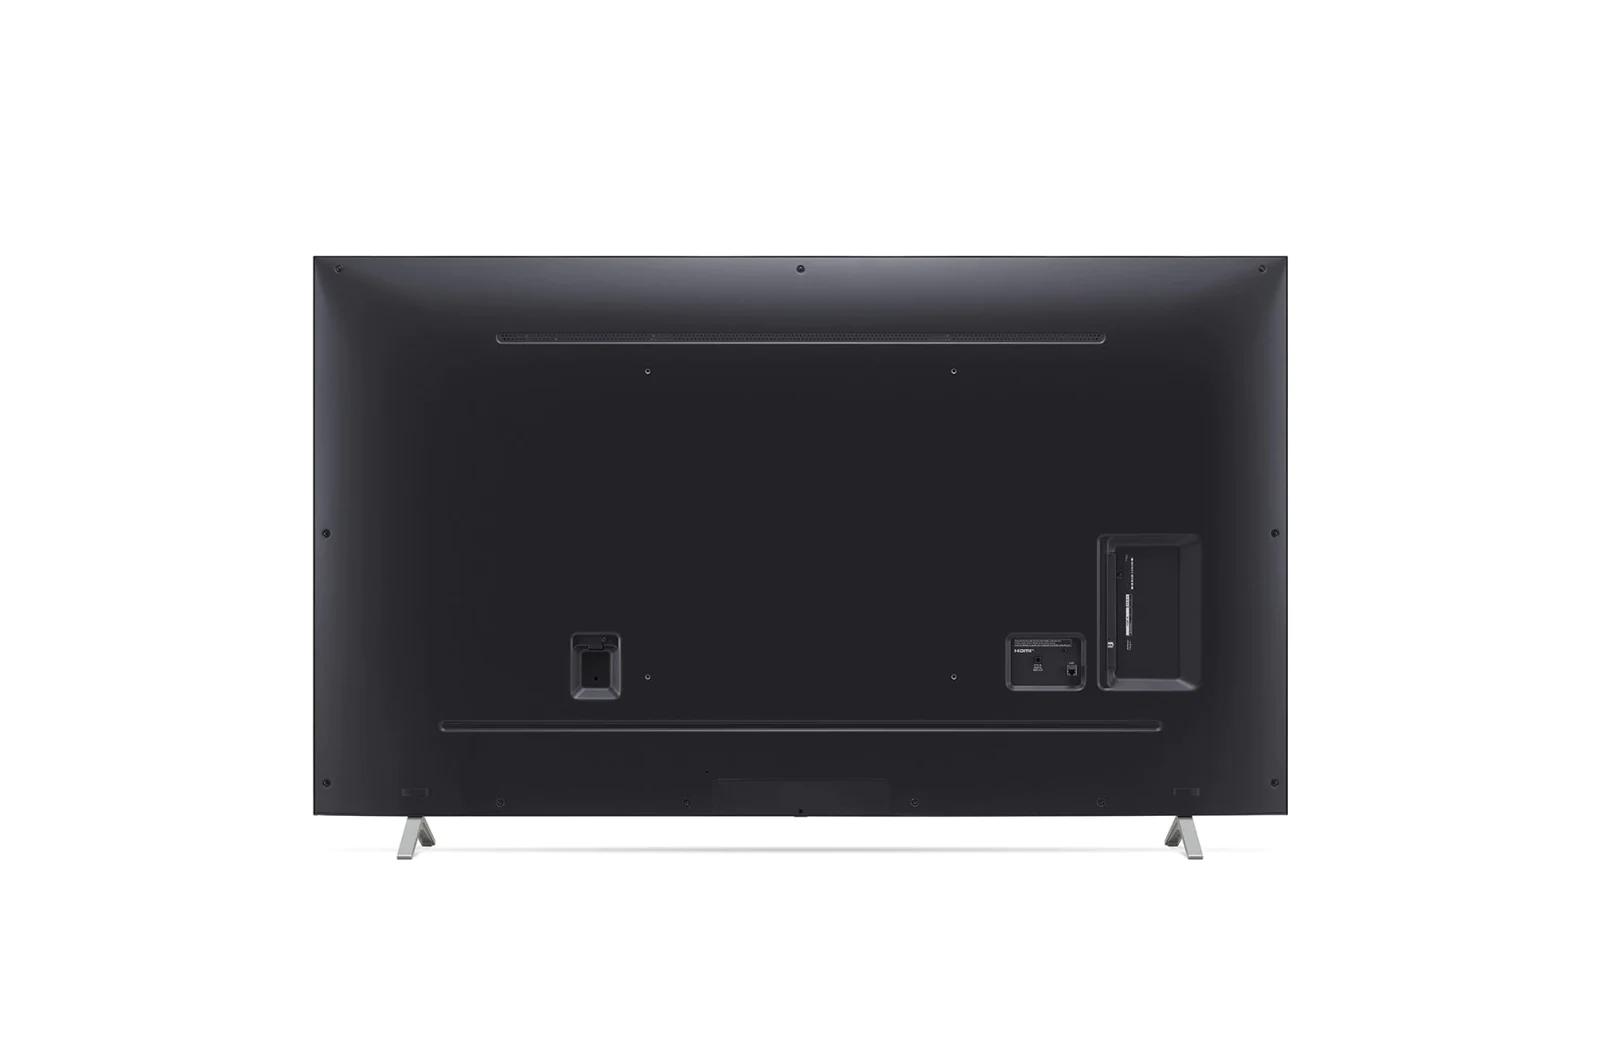 Televizor LG LED 70UP77506LA  - 4